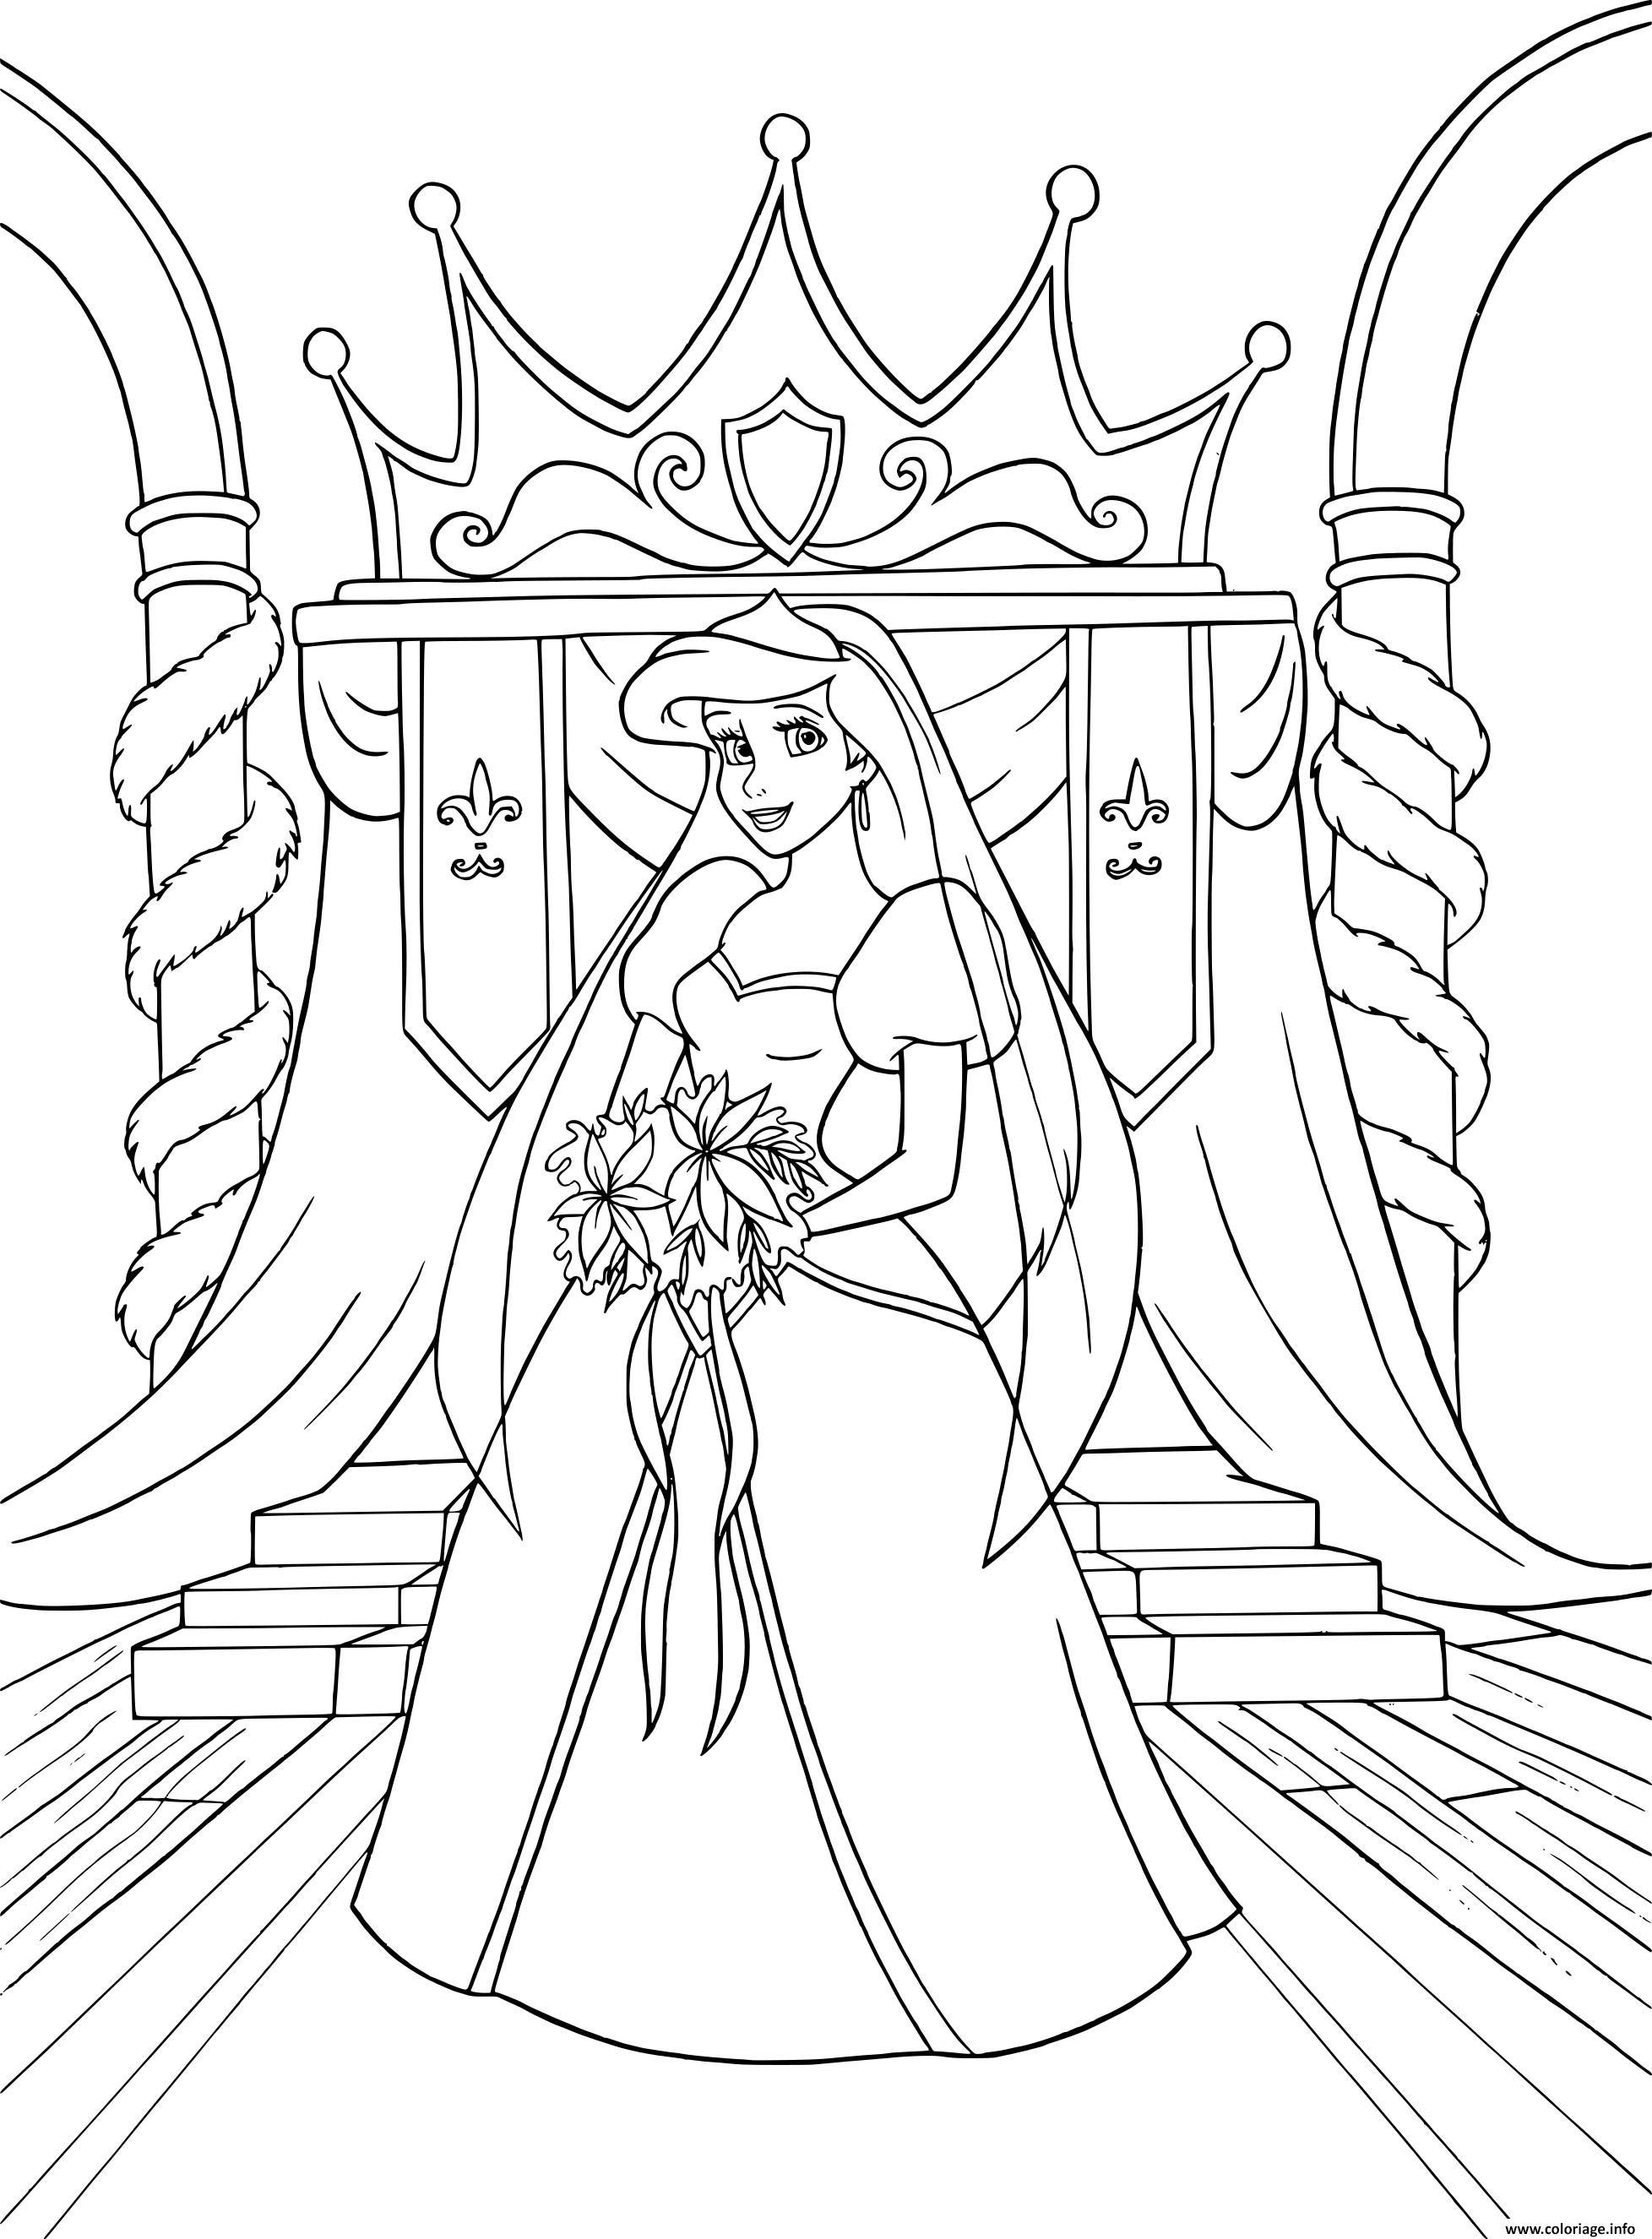 Coloriage Princesse Mariage.Coloriage La Petite Sirene En Robe De Mariage Dessin